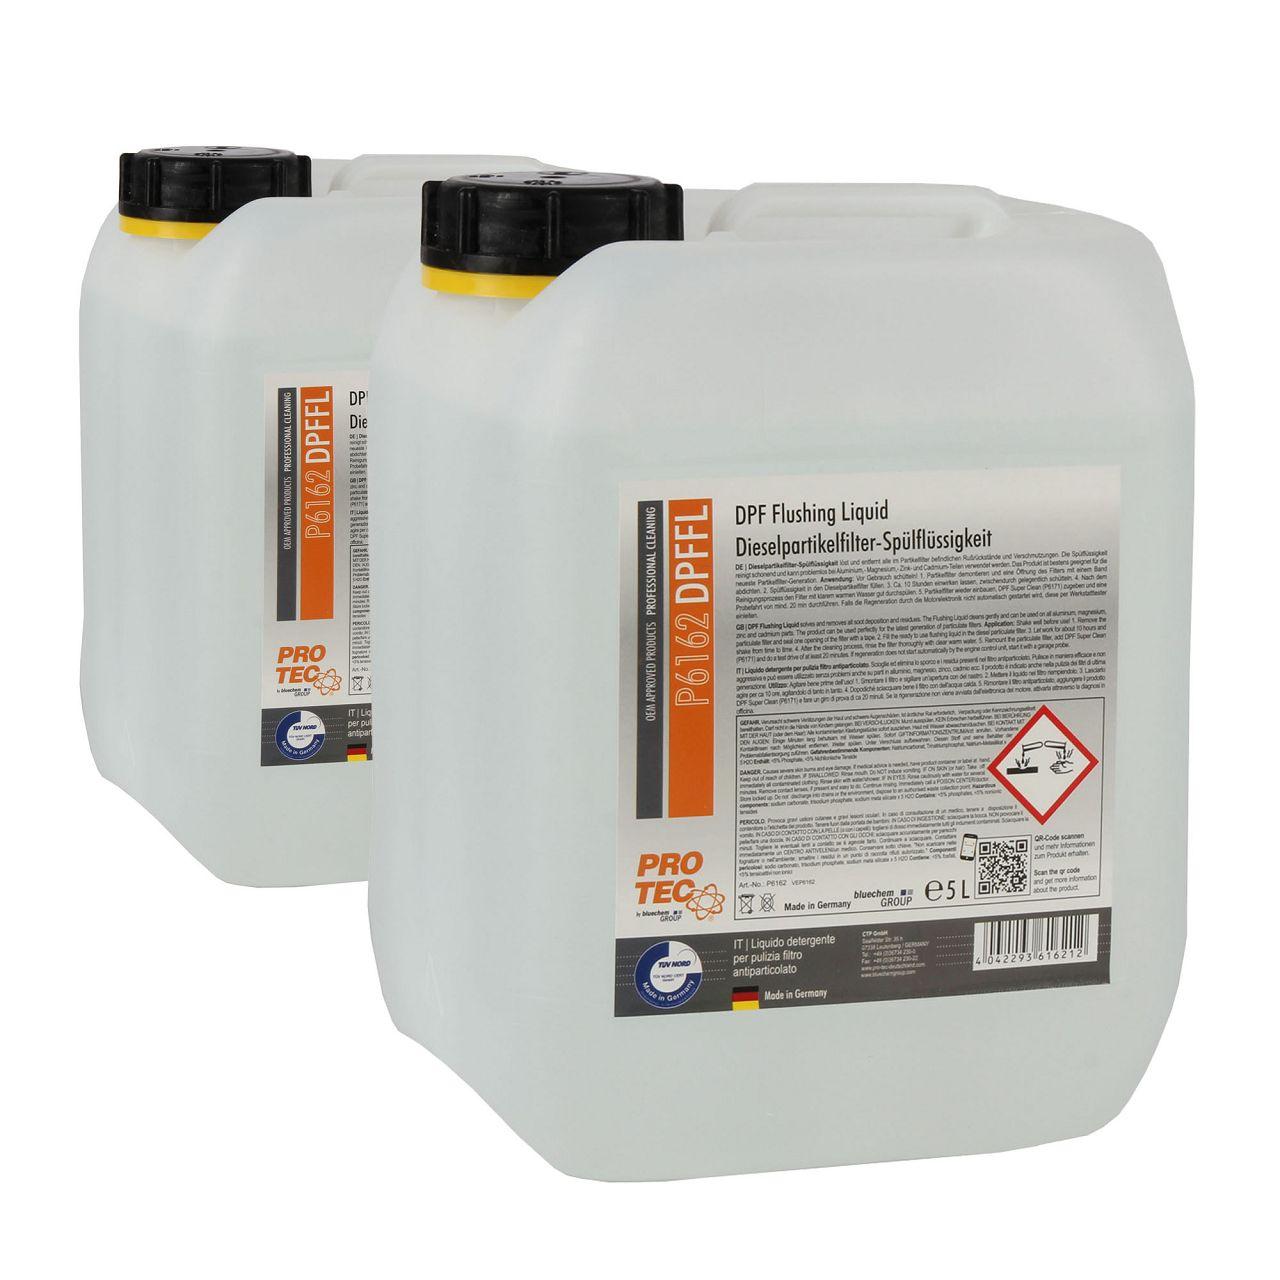 PROTEC DPF Flushing Liquid Dieselpartikelfilter-Spülflüssigkeit Reiniger 10L